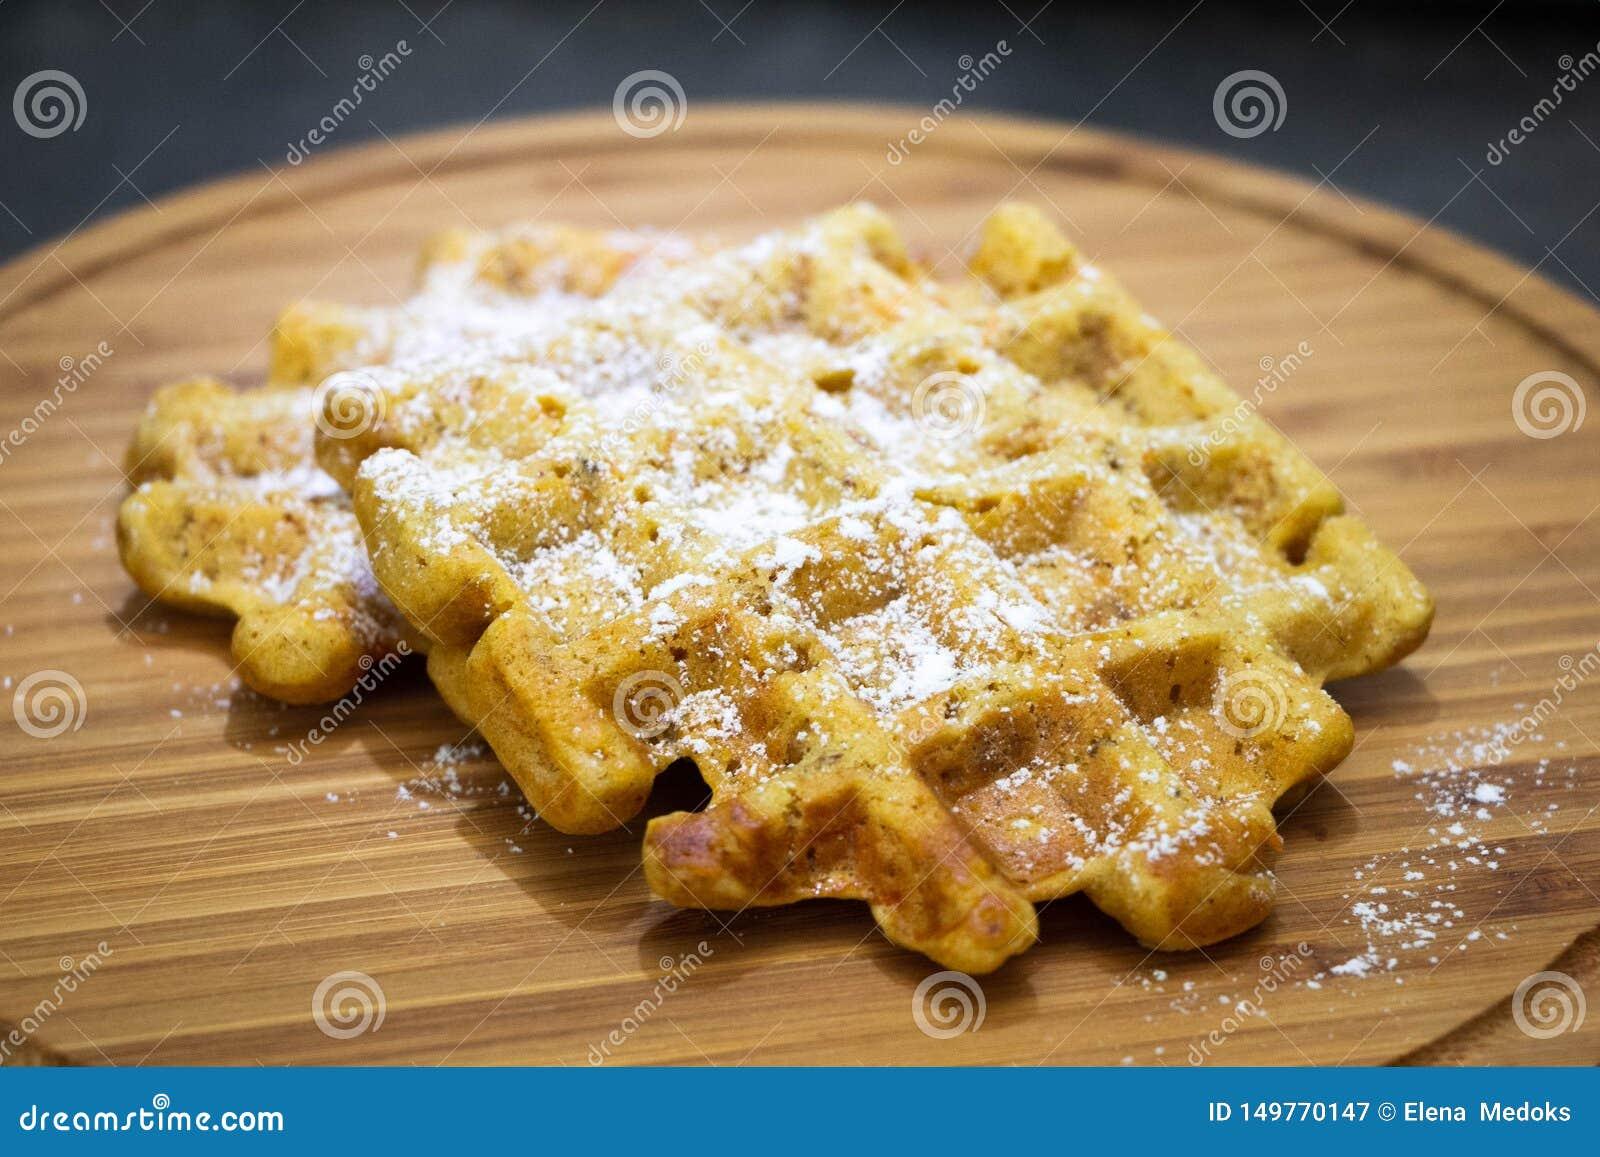 Karottenwaffeln mit Puderzucker auf einem hölzernes boardPerfect gesunden Frühstück